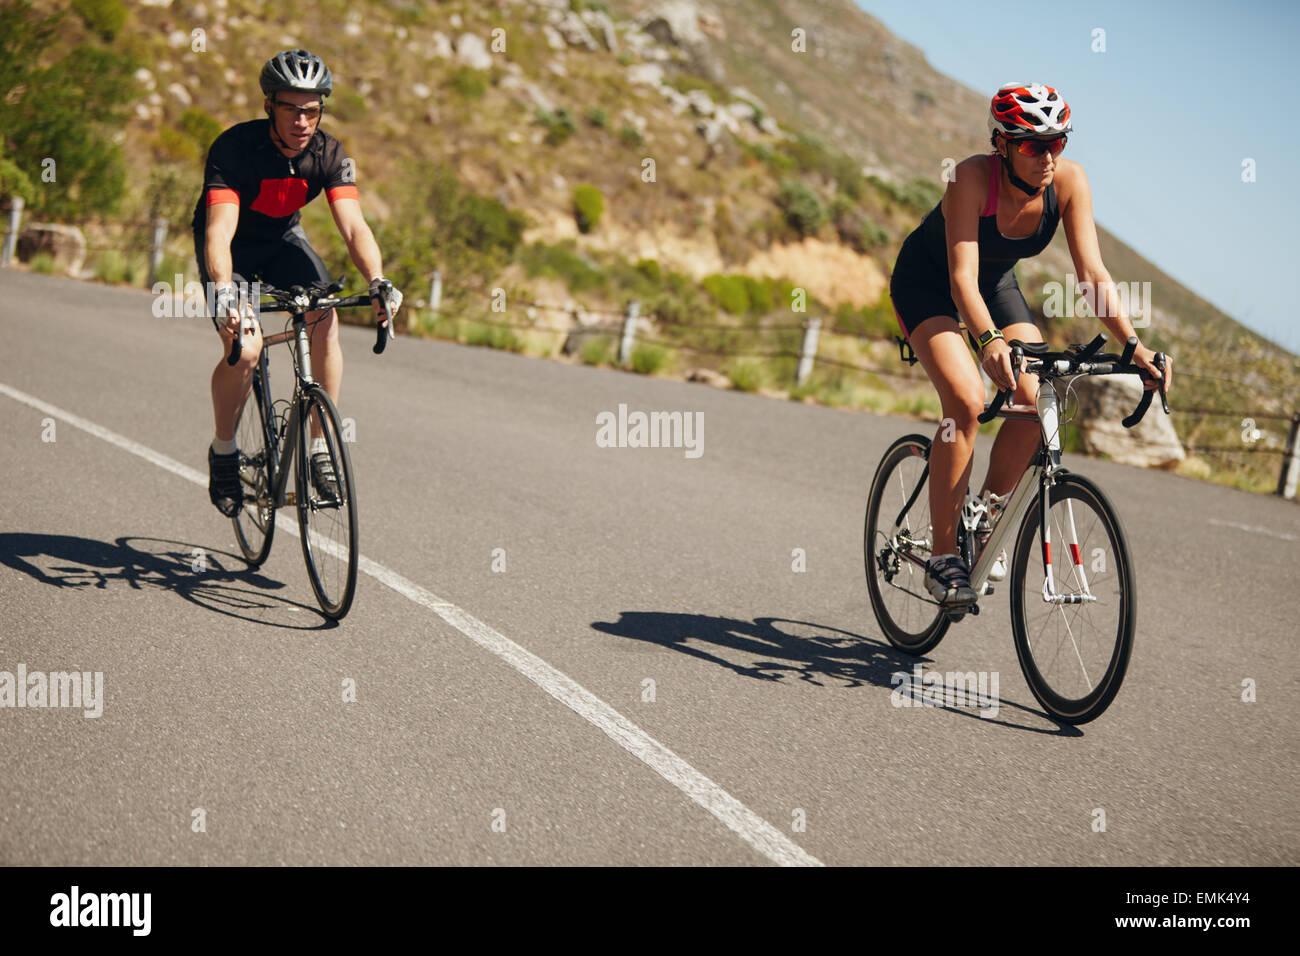 Donna competere nel ciclismo gamba di un triathlon con connettore maschio di tipo concorrente. Triatleti equitazione Immagini Stock